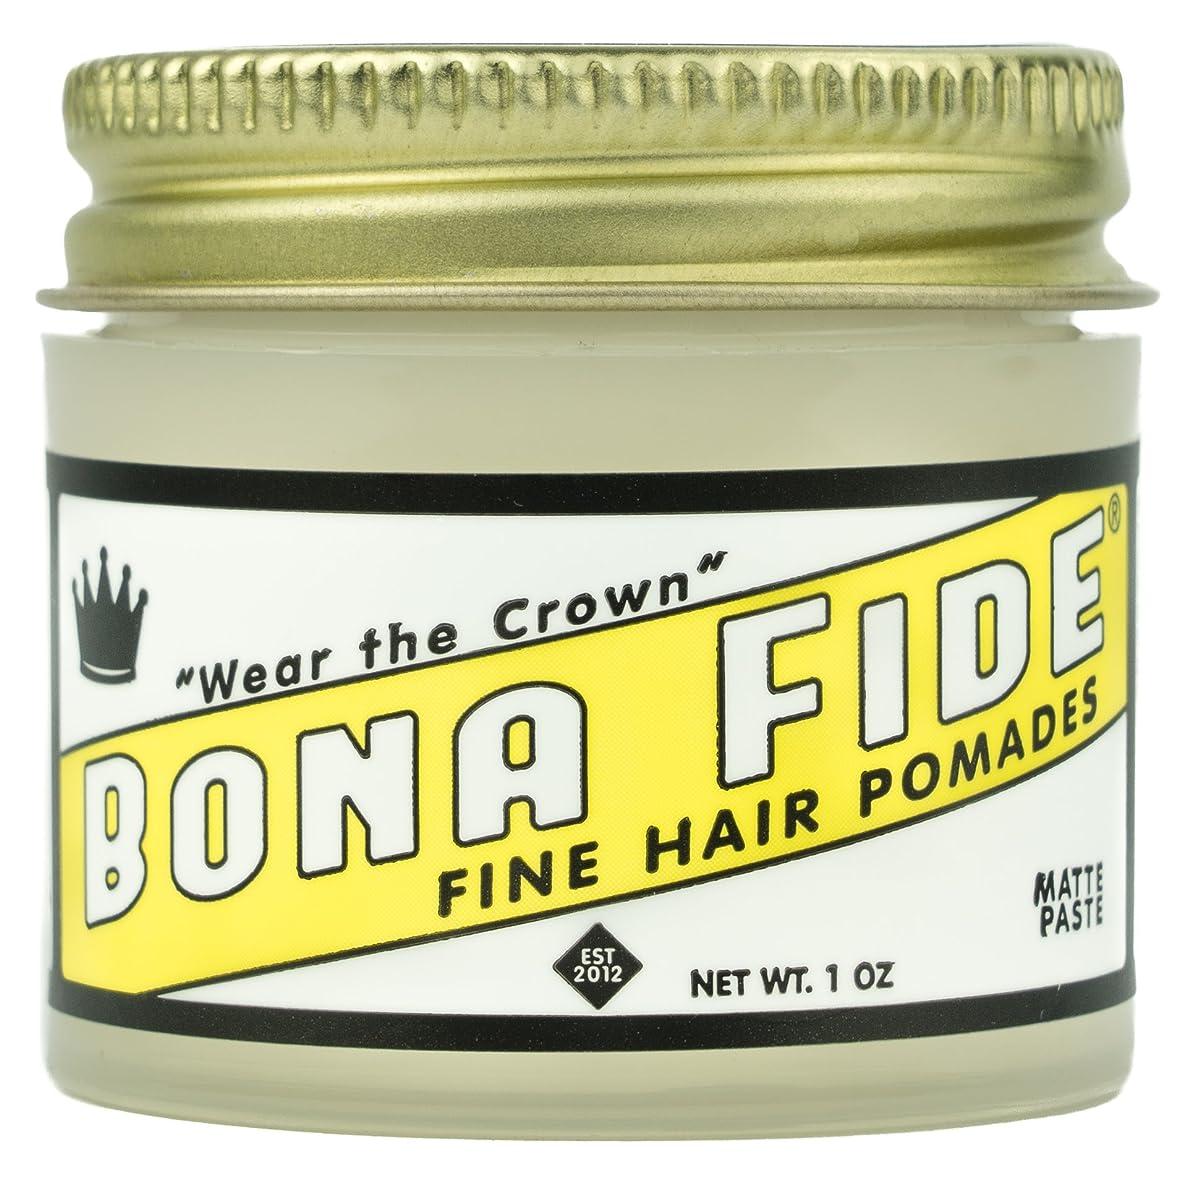 分子獲物ぜいたくBona Fide Pomade, マットペースト 1oz (28g) / トラベルサイズ,水性/グリース